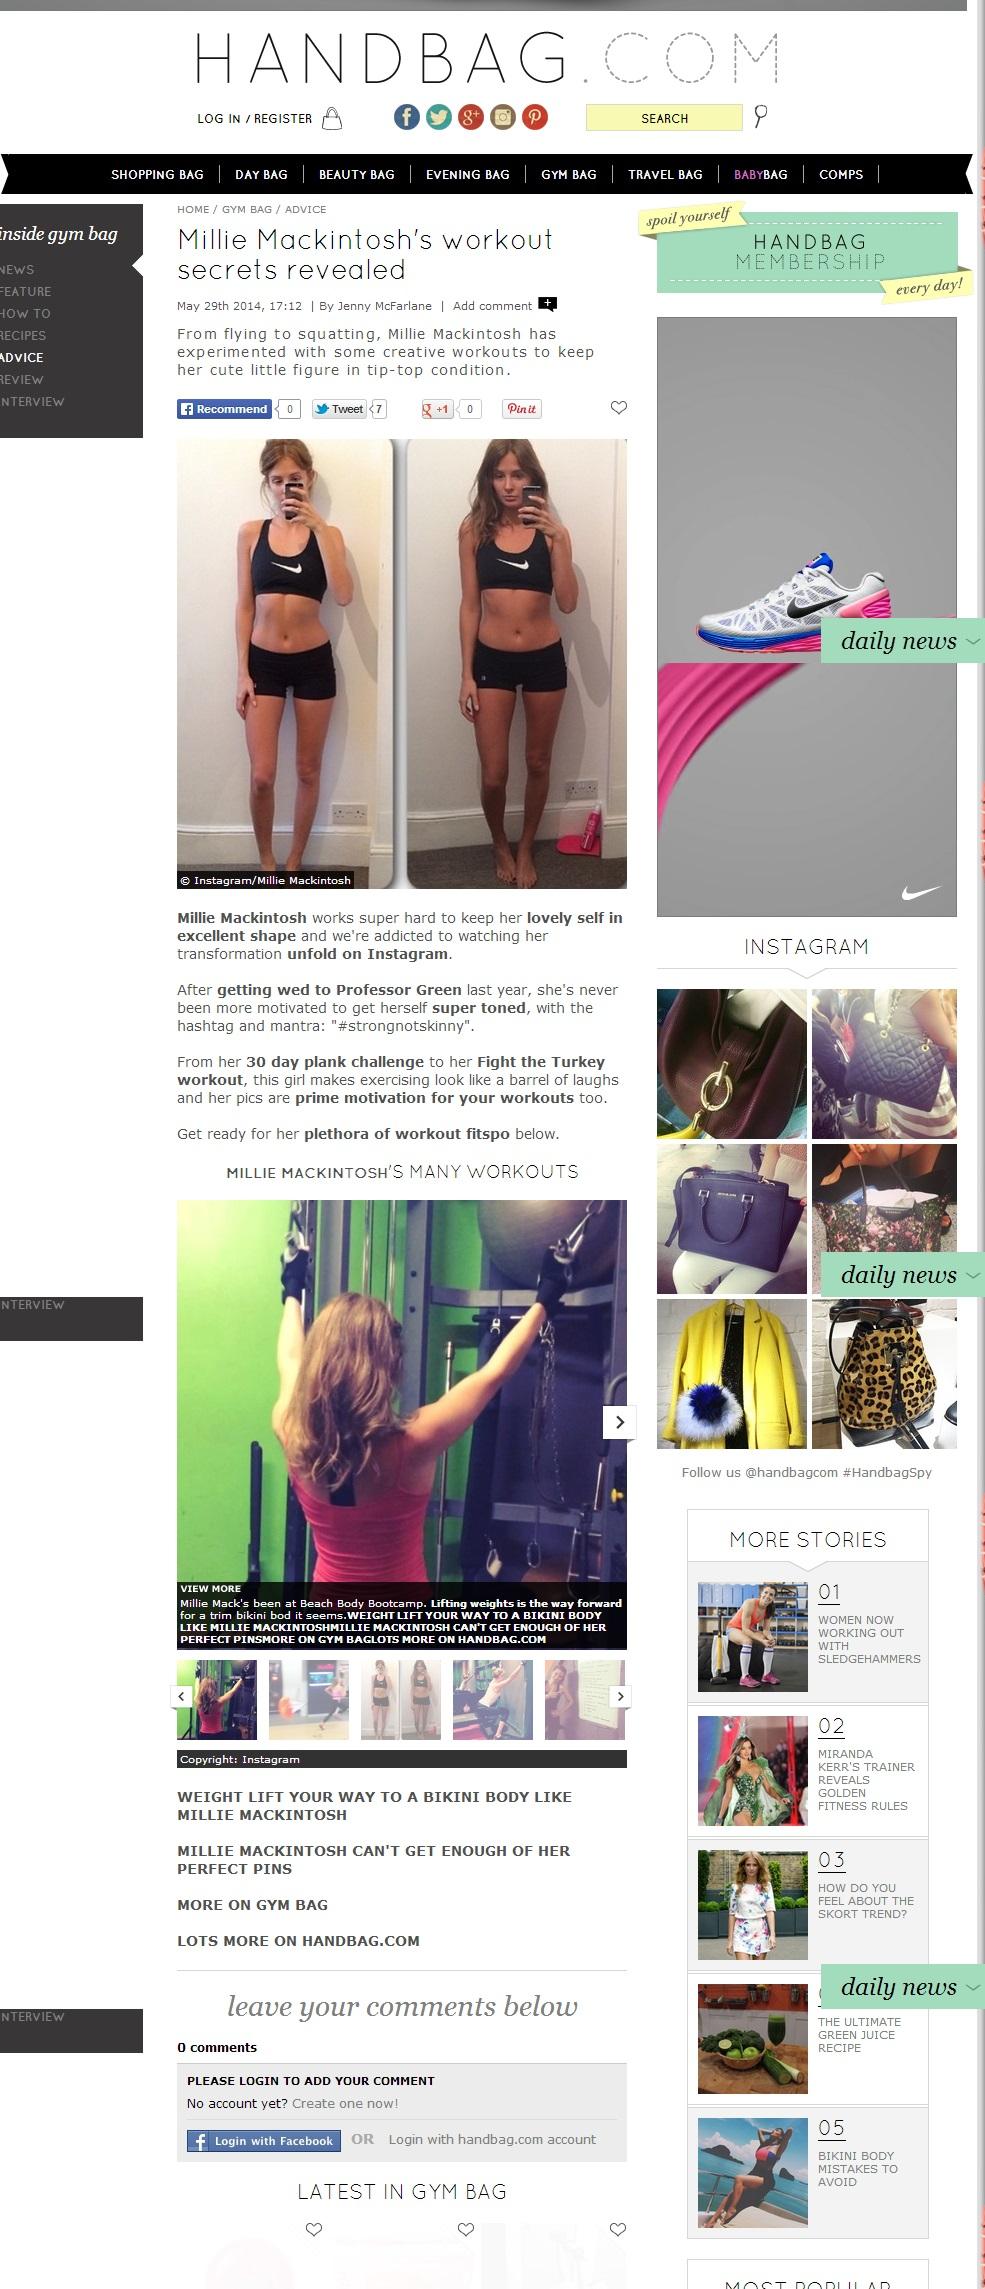 screencapture-www-handbag-com-gym-bag-advice-a563282-millie-mackintoshs-workout-secrets-revealed-html